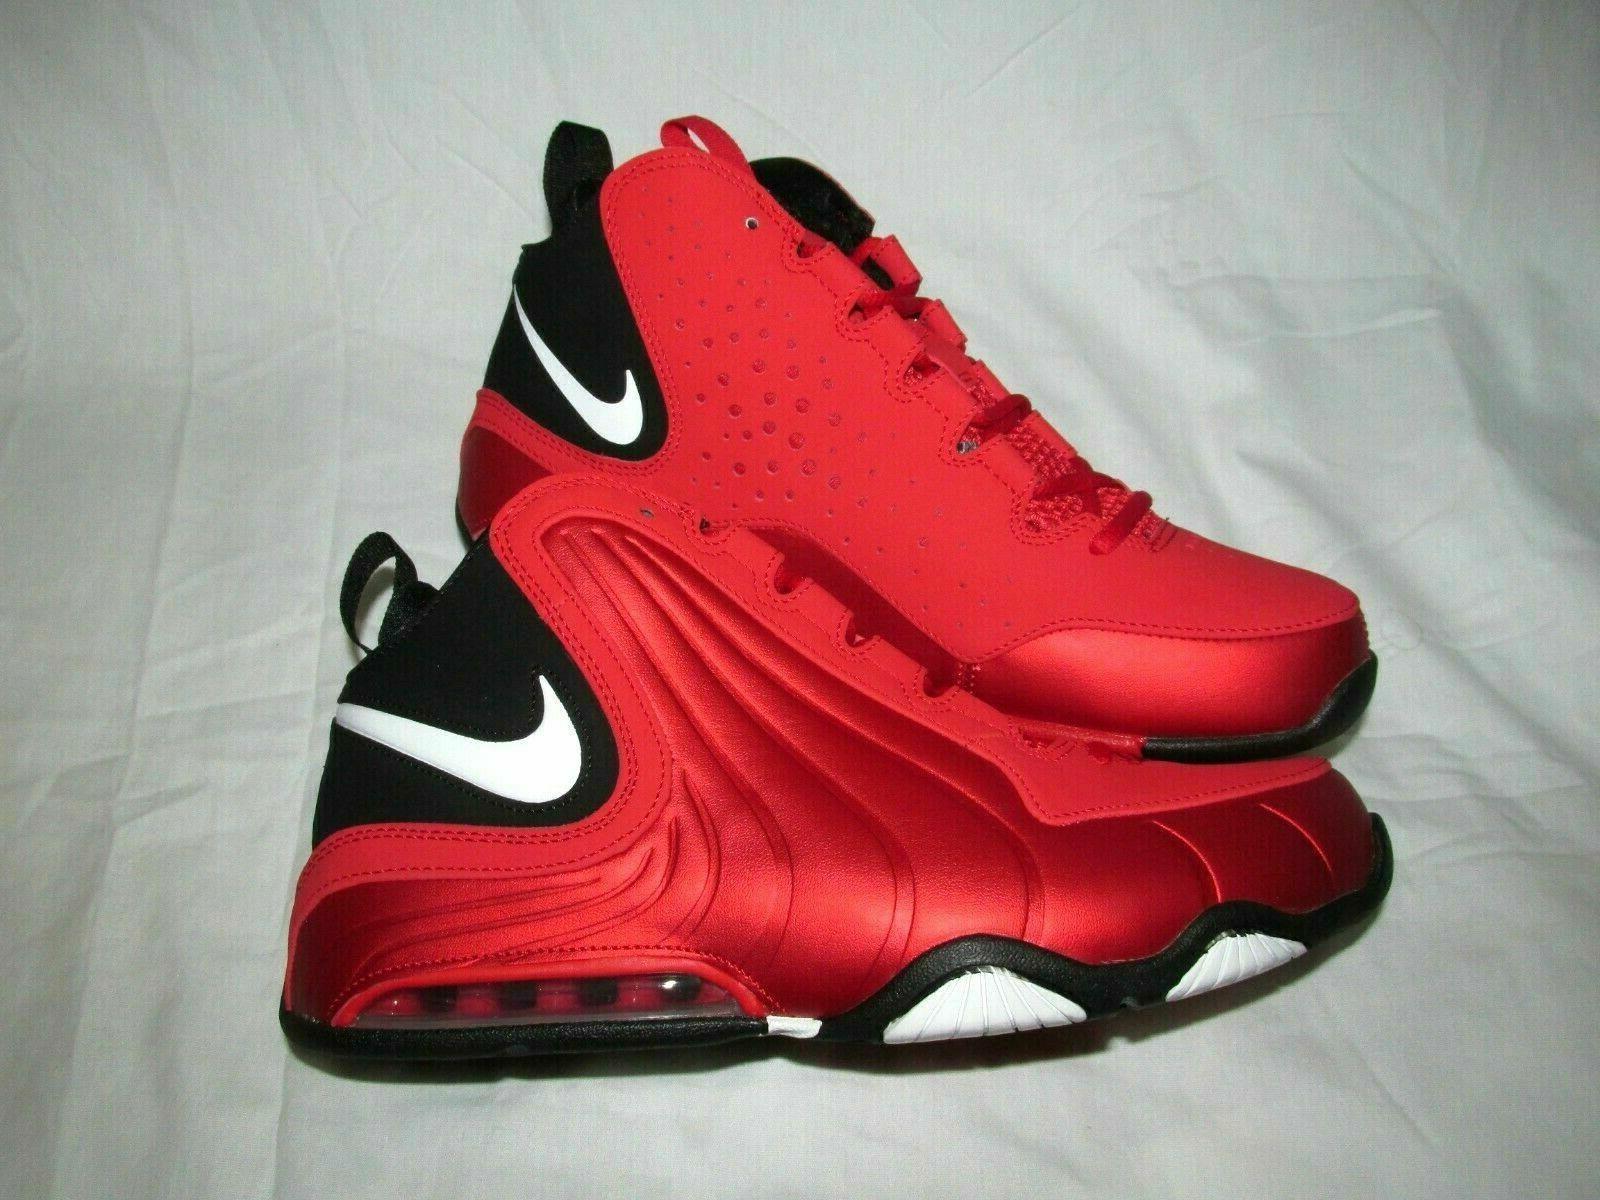 Nike Max Mens Basketball Shoes Red AV8061-600